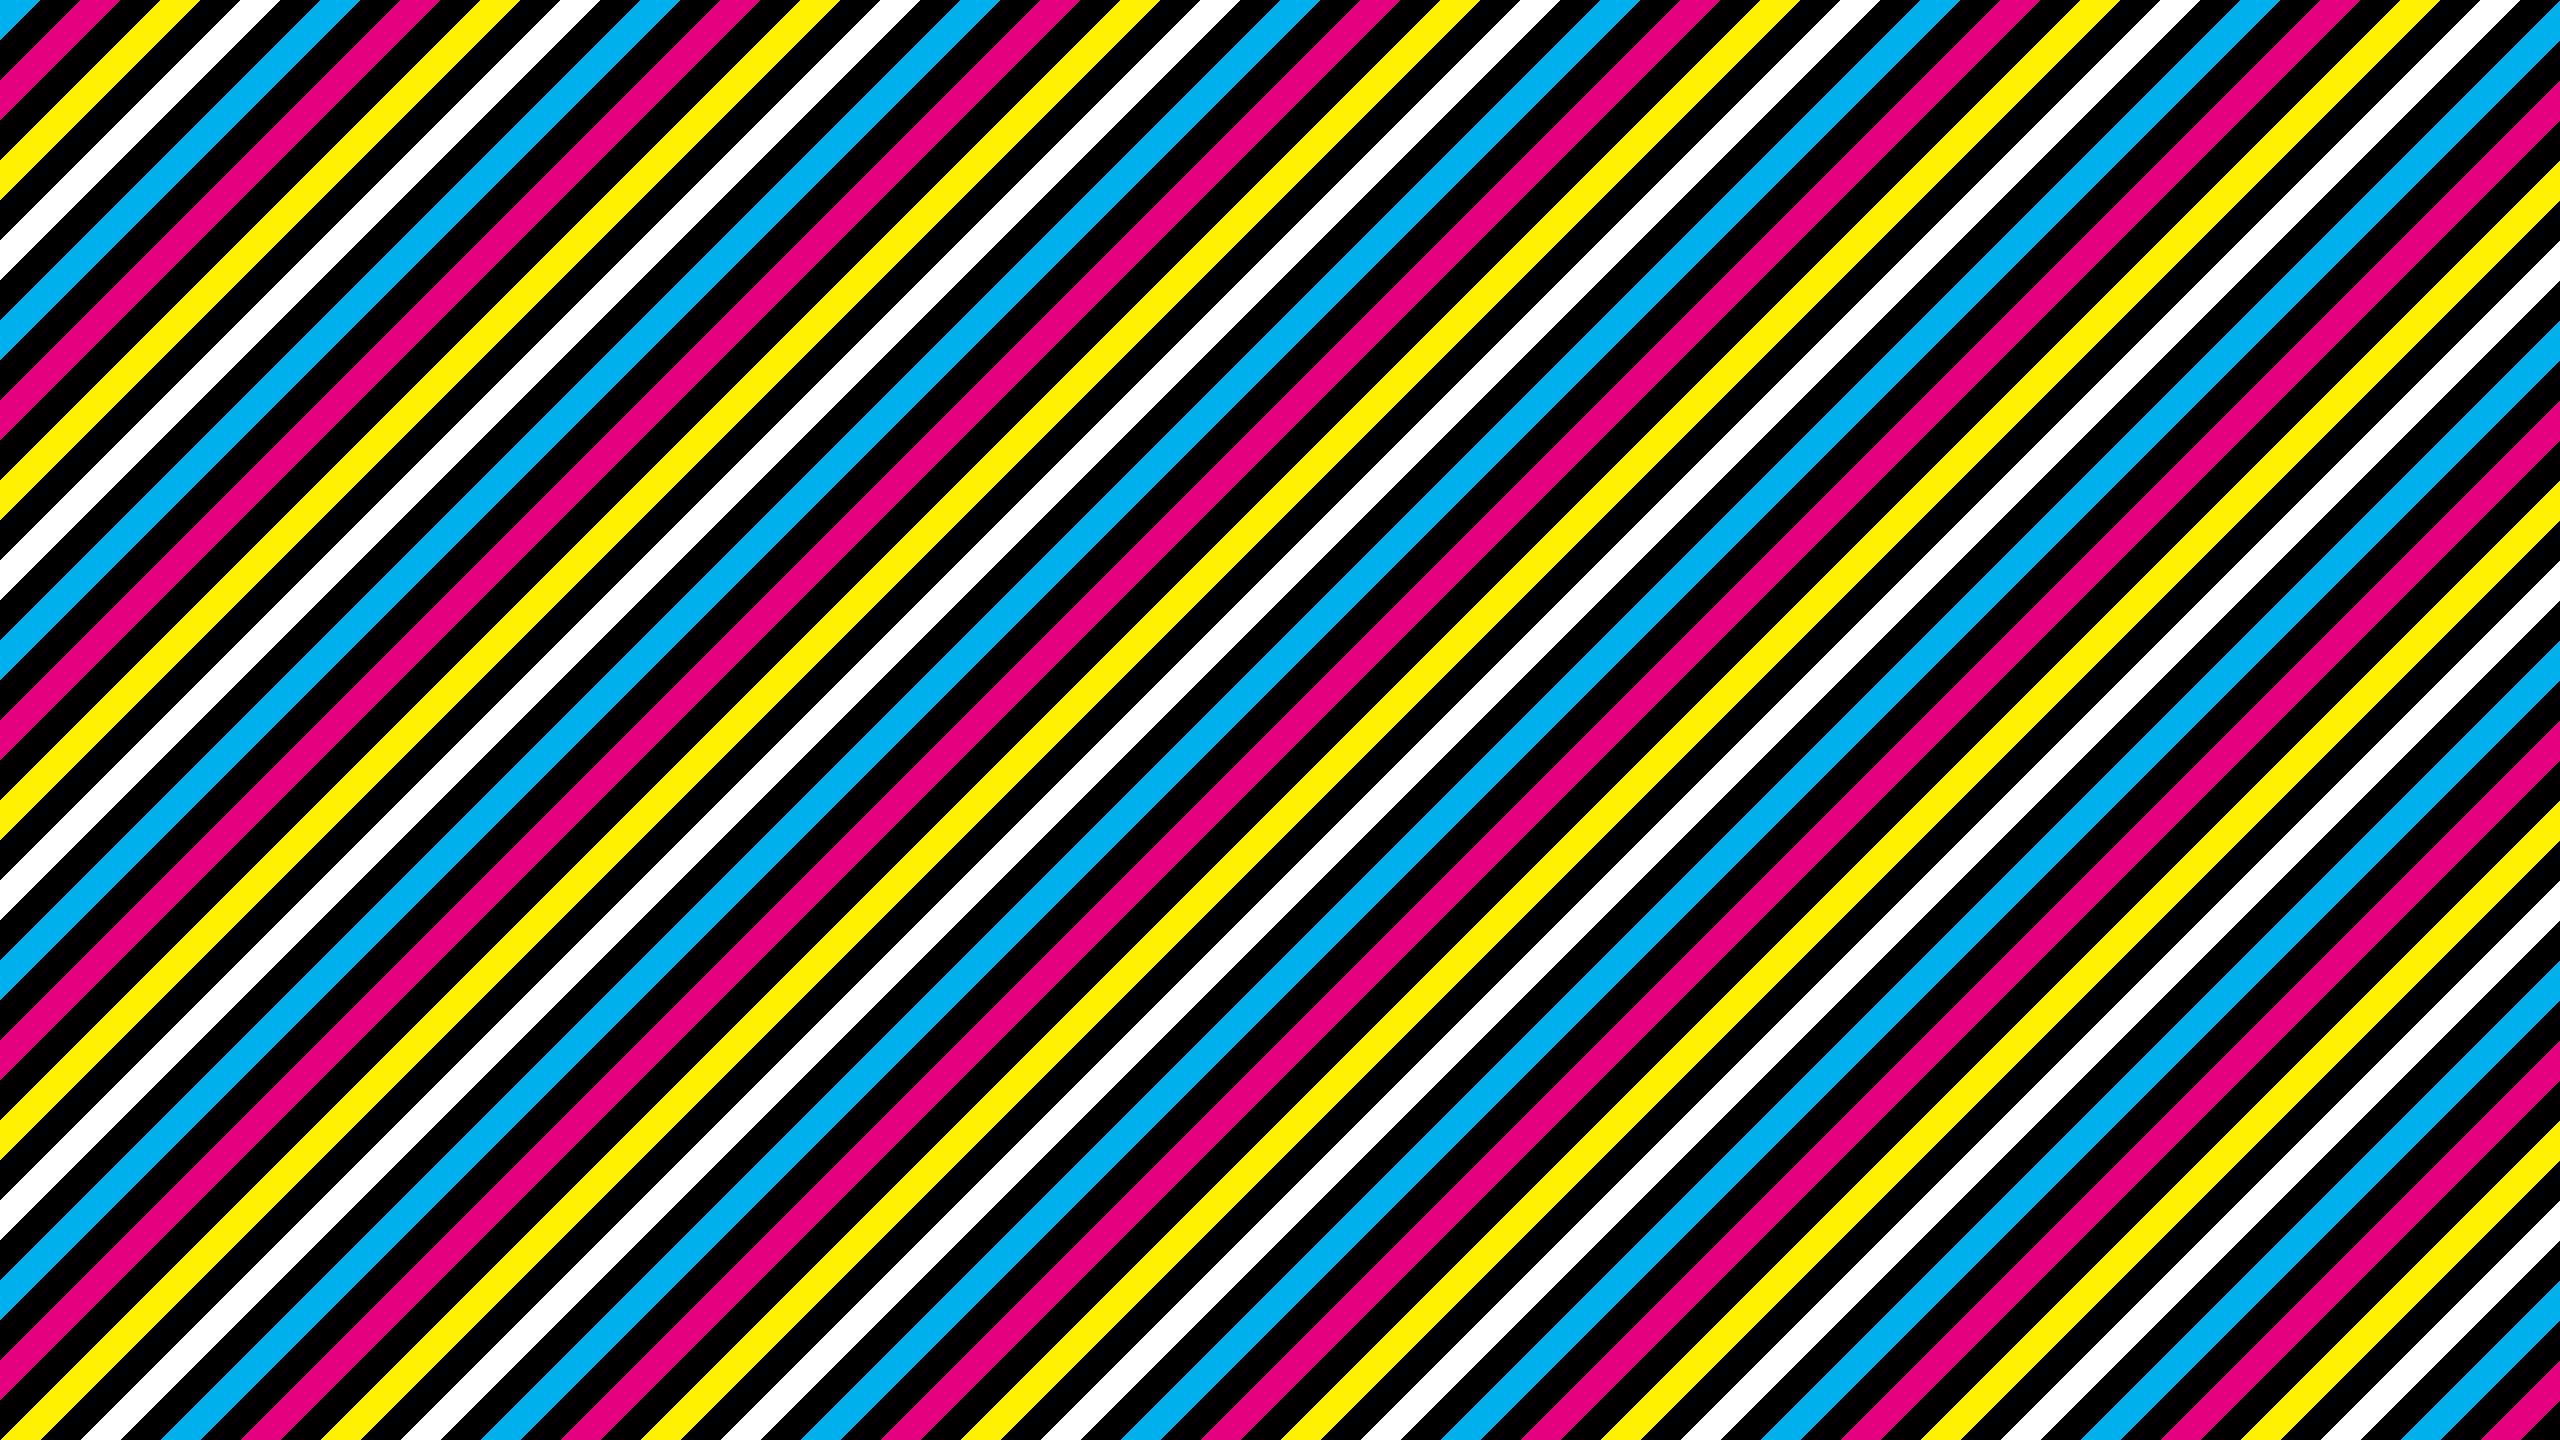 80s Desktop Wallpaper